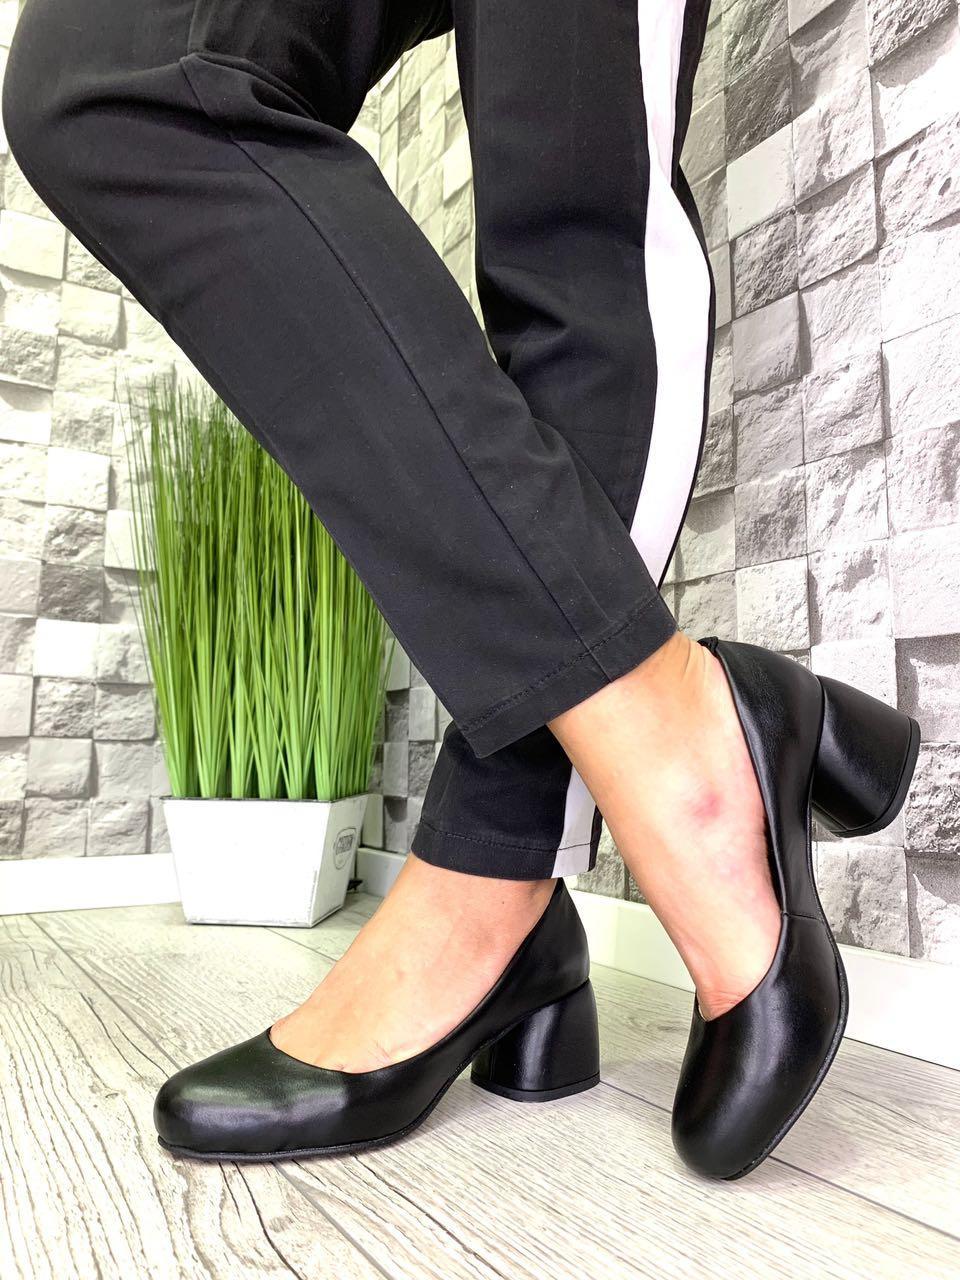 Женские закрытые туфли из натуральной кожи на каблуке черные